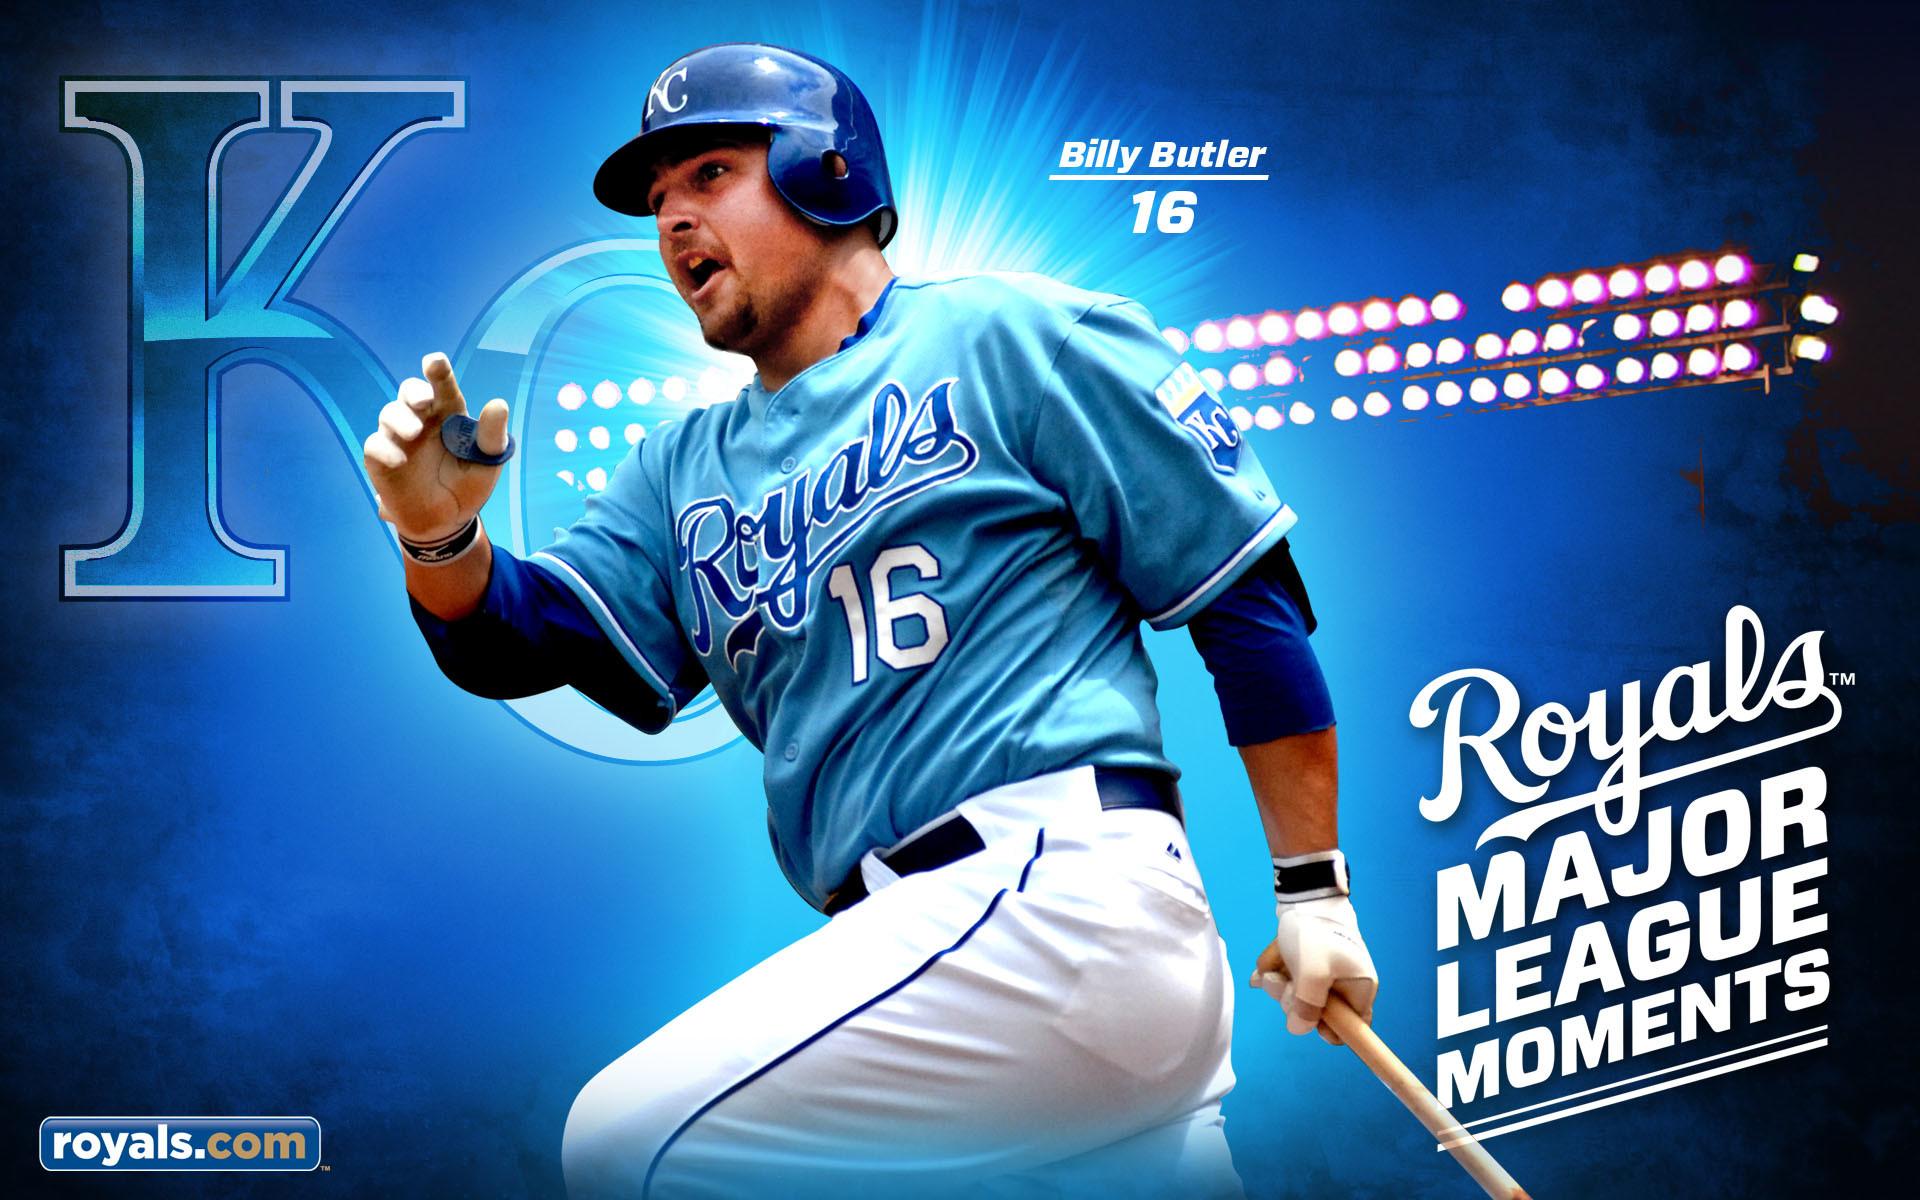 KANSAS CITY ROYALS mlb baseball (46) wallpaper | | 232238 |  WallpaperUP